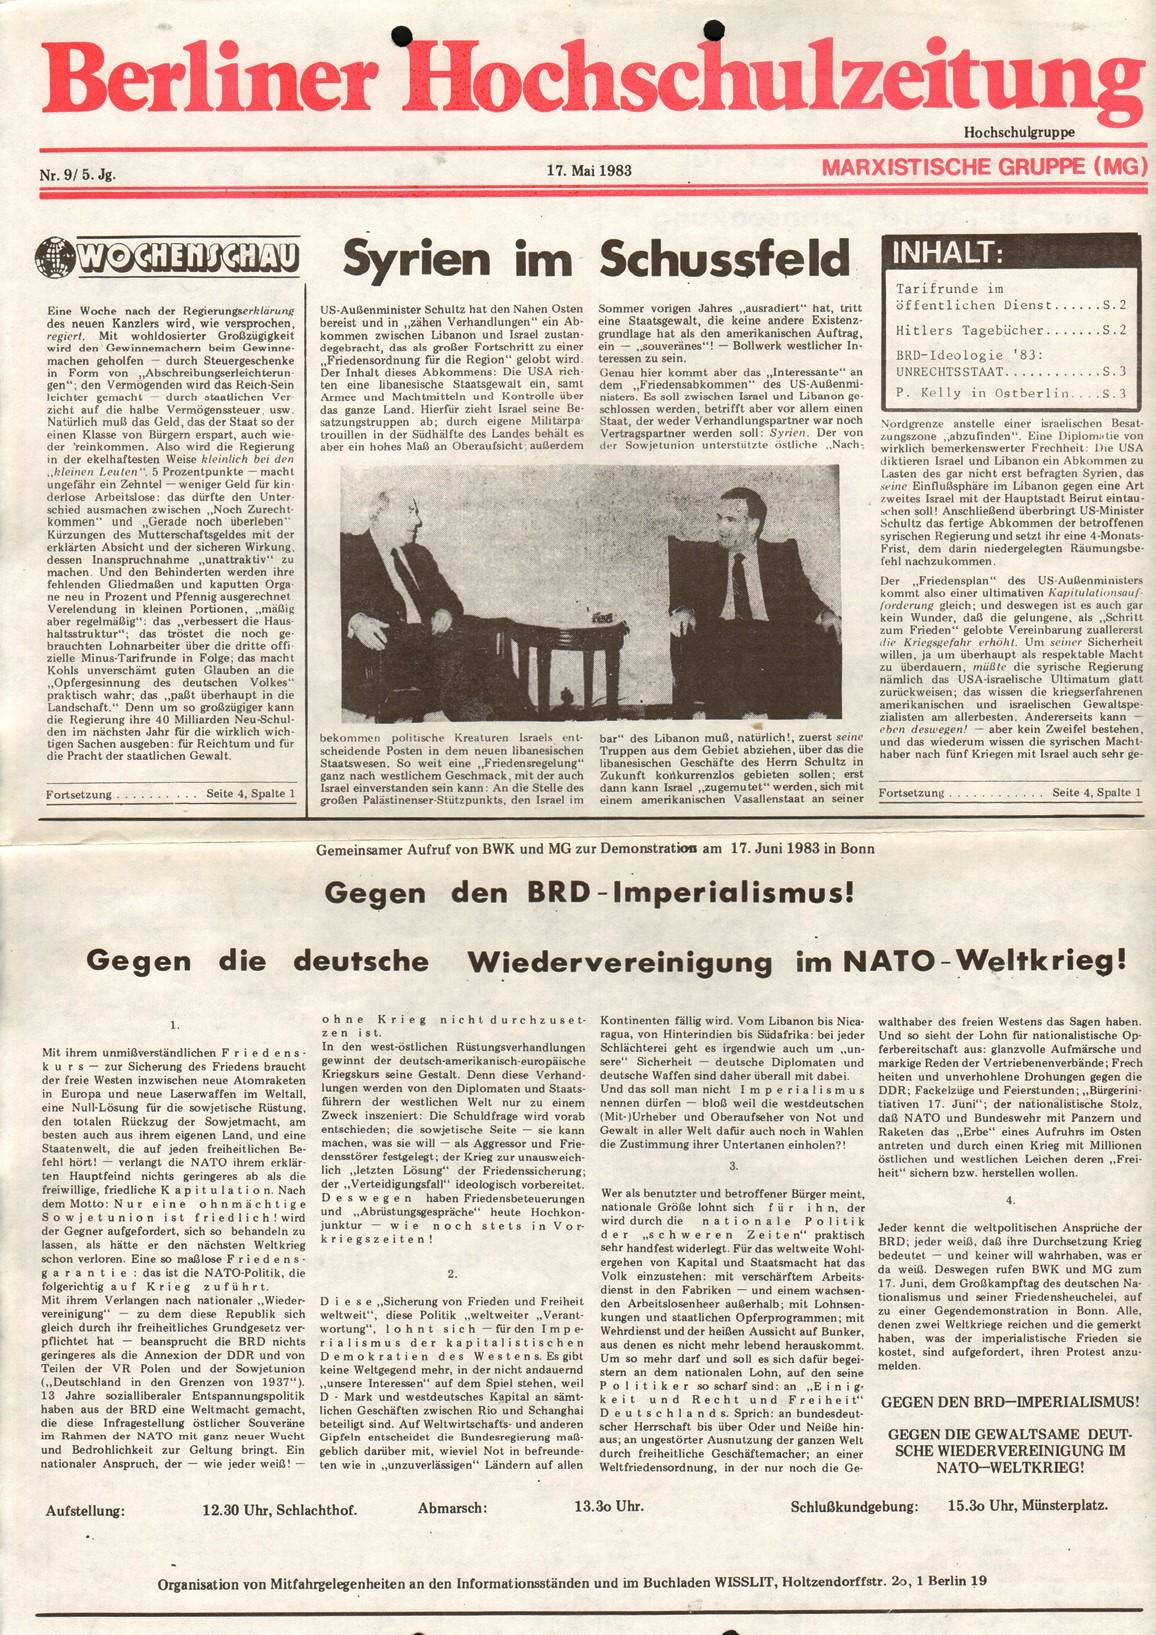 Berlin_MG_Hochschulzeitung_19830517_01